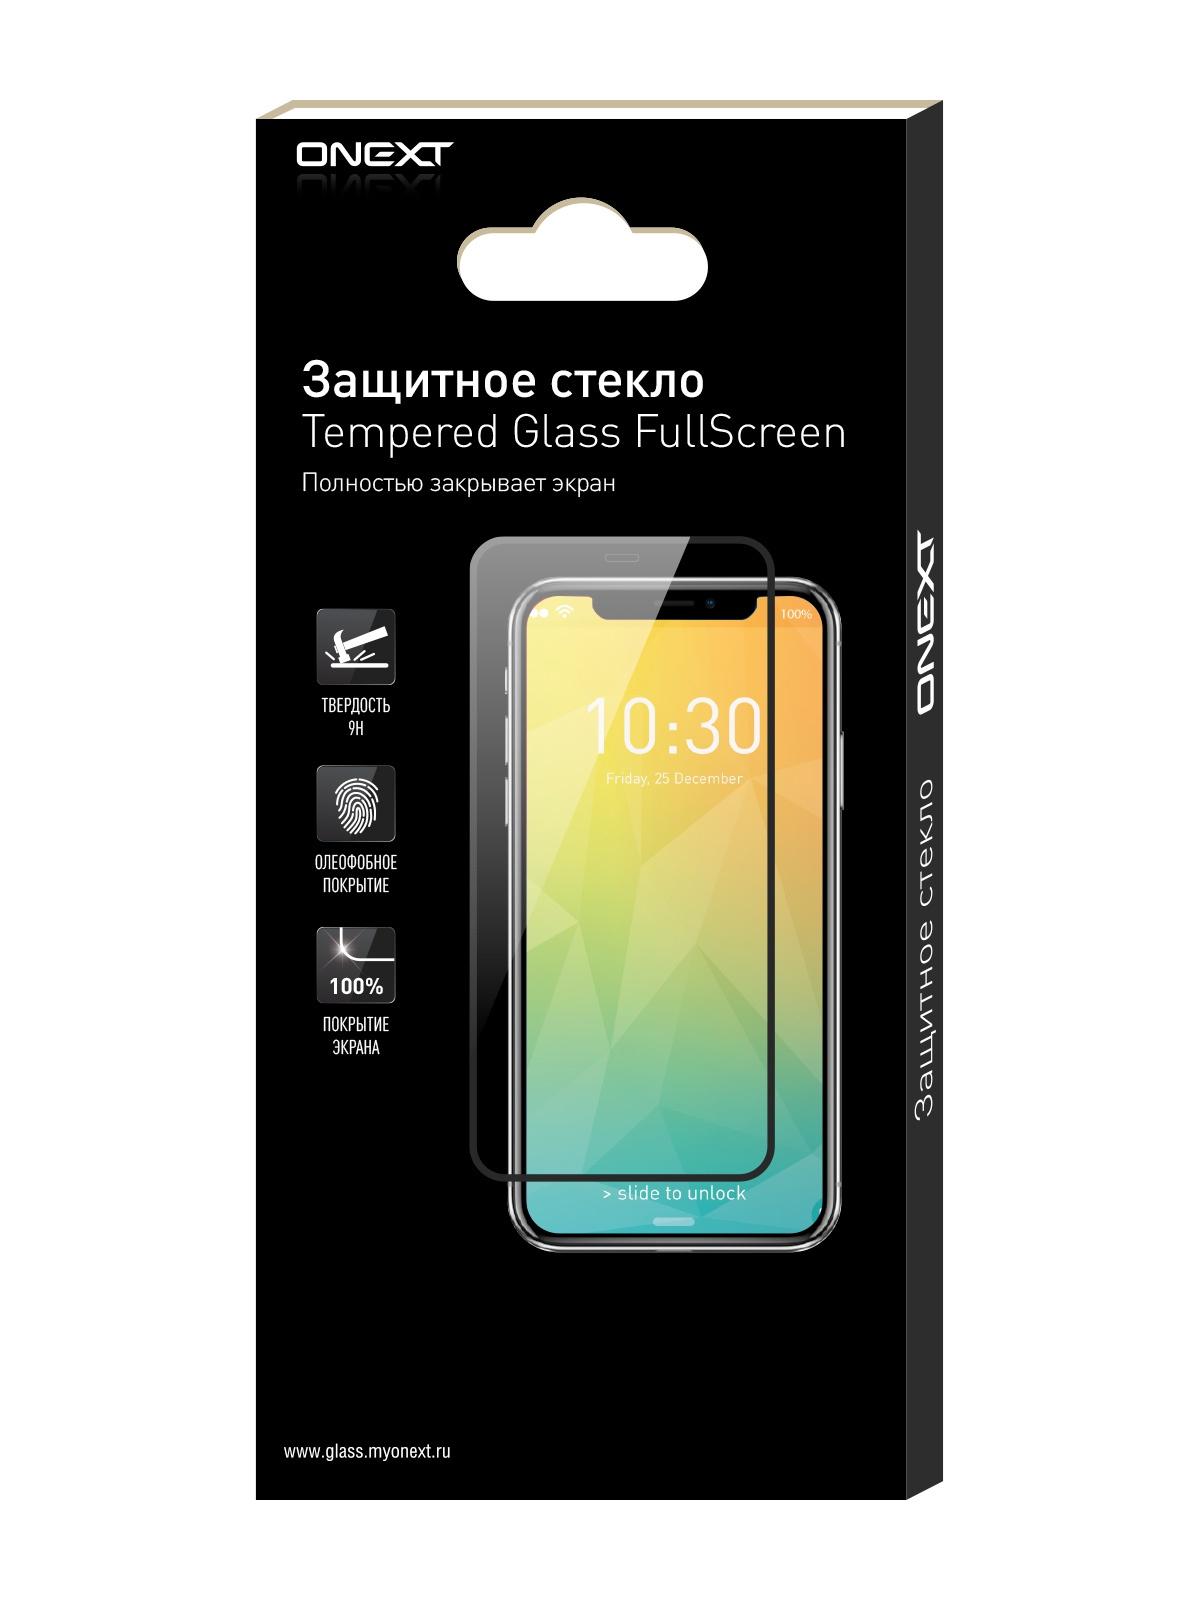 Защитное стекло ONEXT P20 Pro/Plus (2018) с рамкой защитное стекло для iphone 6 plus onext с белой рамкой силиконовые края